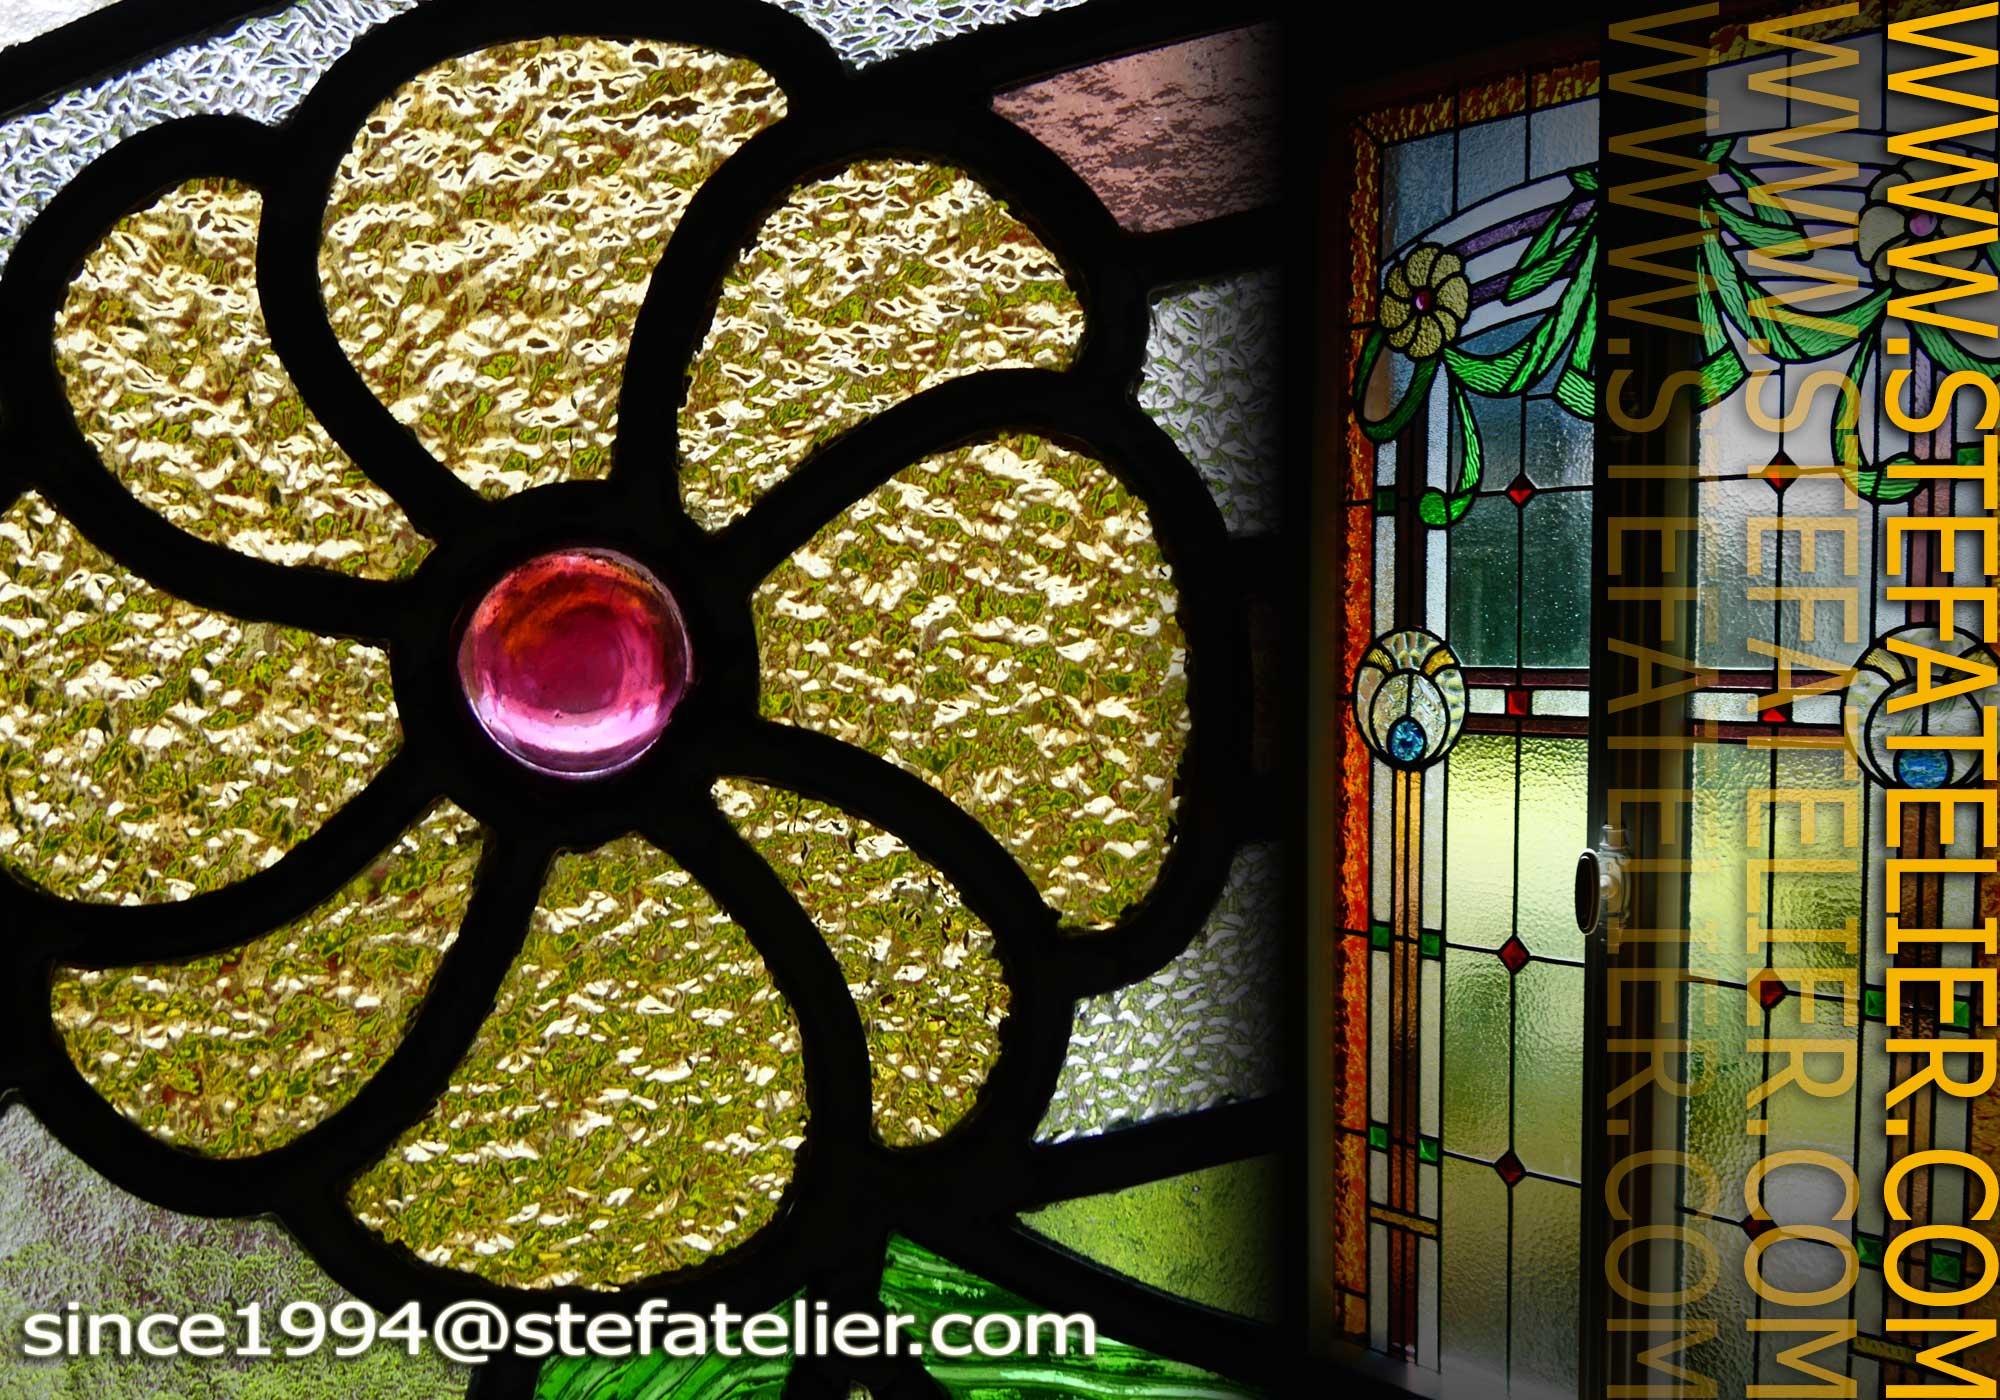 restauration de vitraux art d co thionville stef atelier vitraux d art. Black Bedroom Furniture Sets. Home Design Ideas